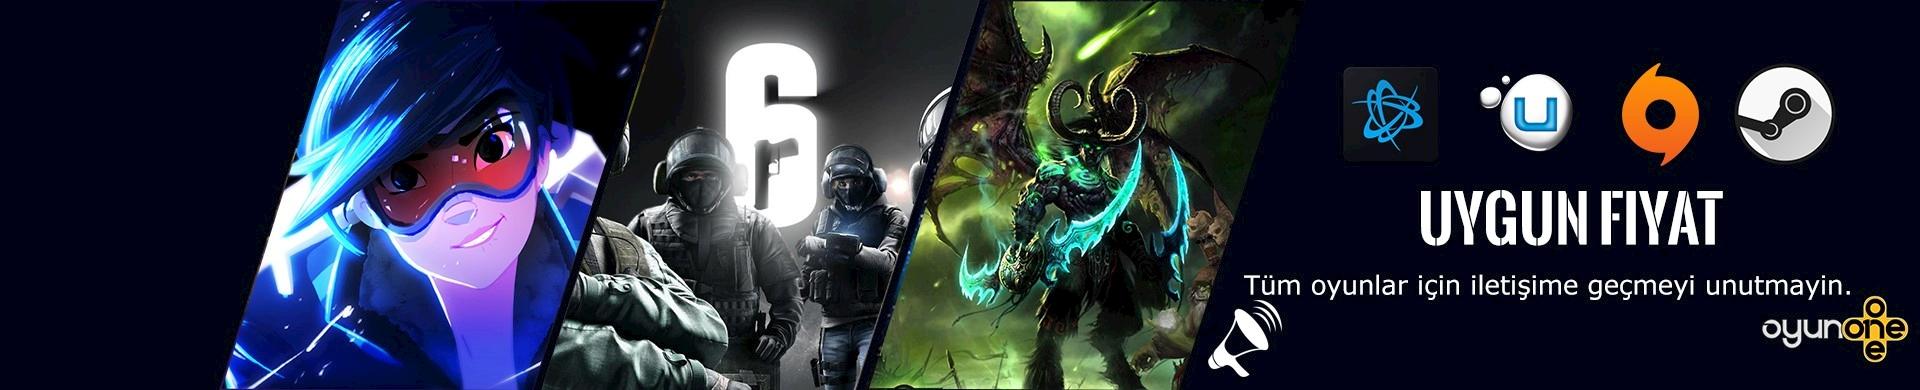 Aradığınız Tüm Origin, Uplay , Steam ve diğer oyunlar için Canlı Destek ile iletişime geçmeyi Unutmayın